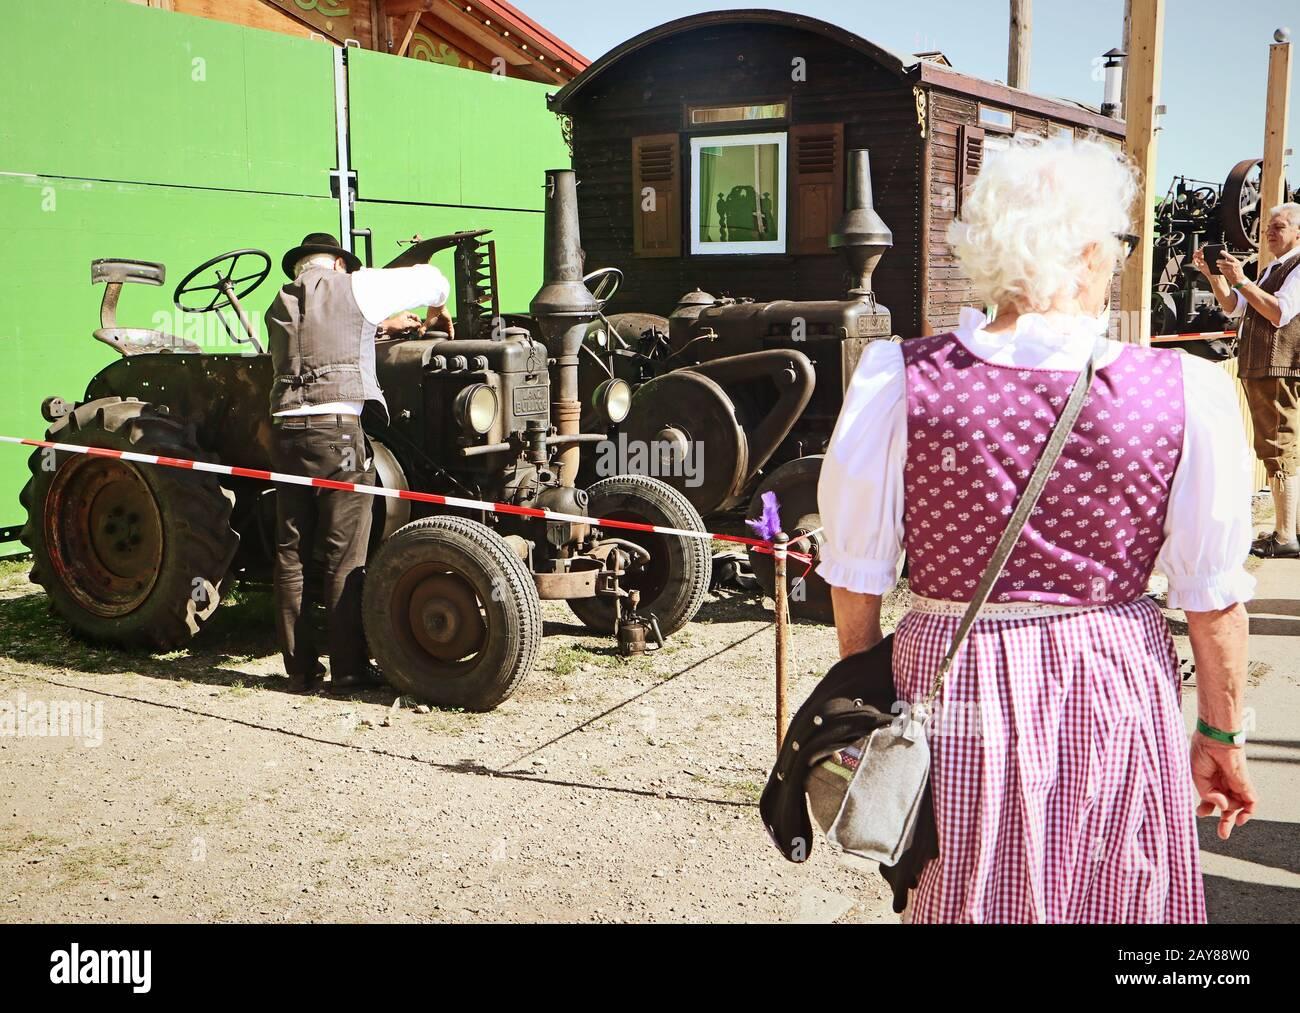 Munich, ALLEMAGNE Lanz Bulldog tracteur d'époque exposé à l'Oide Wiesn partie historique de l'Oktoberfest à Munich, un environnement familial et convivial pour les enfants Banque D'Images